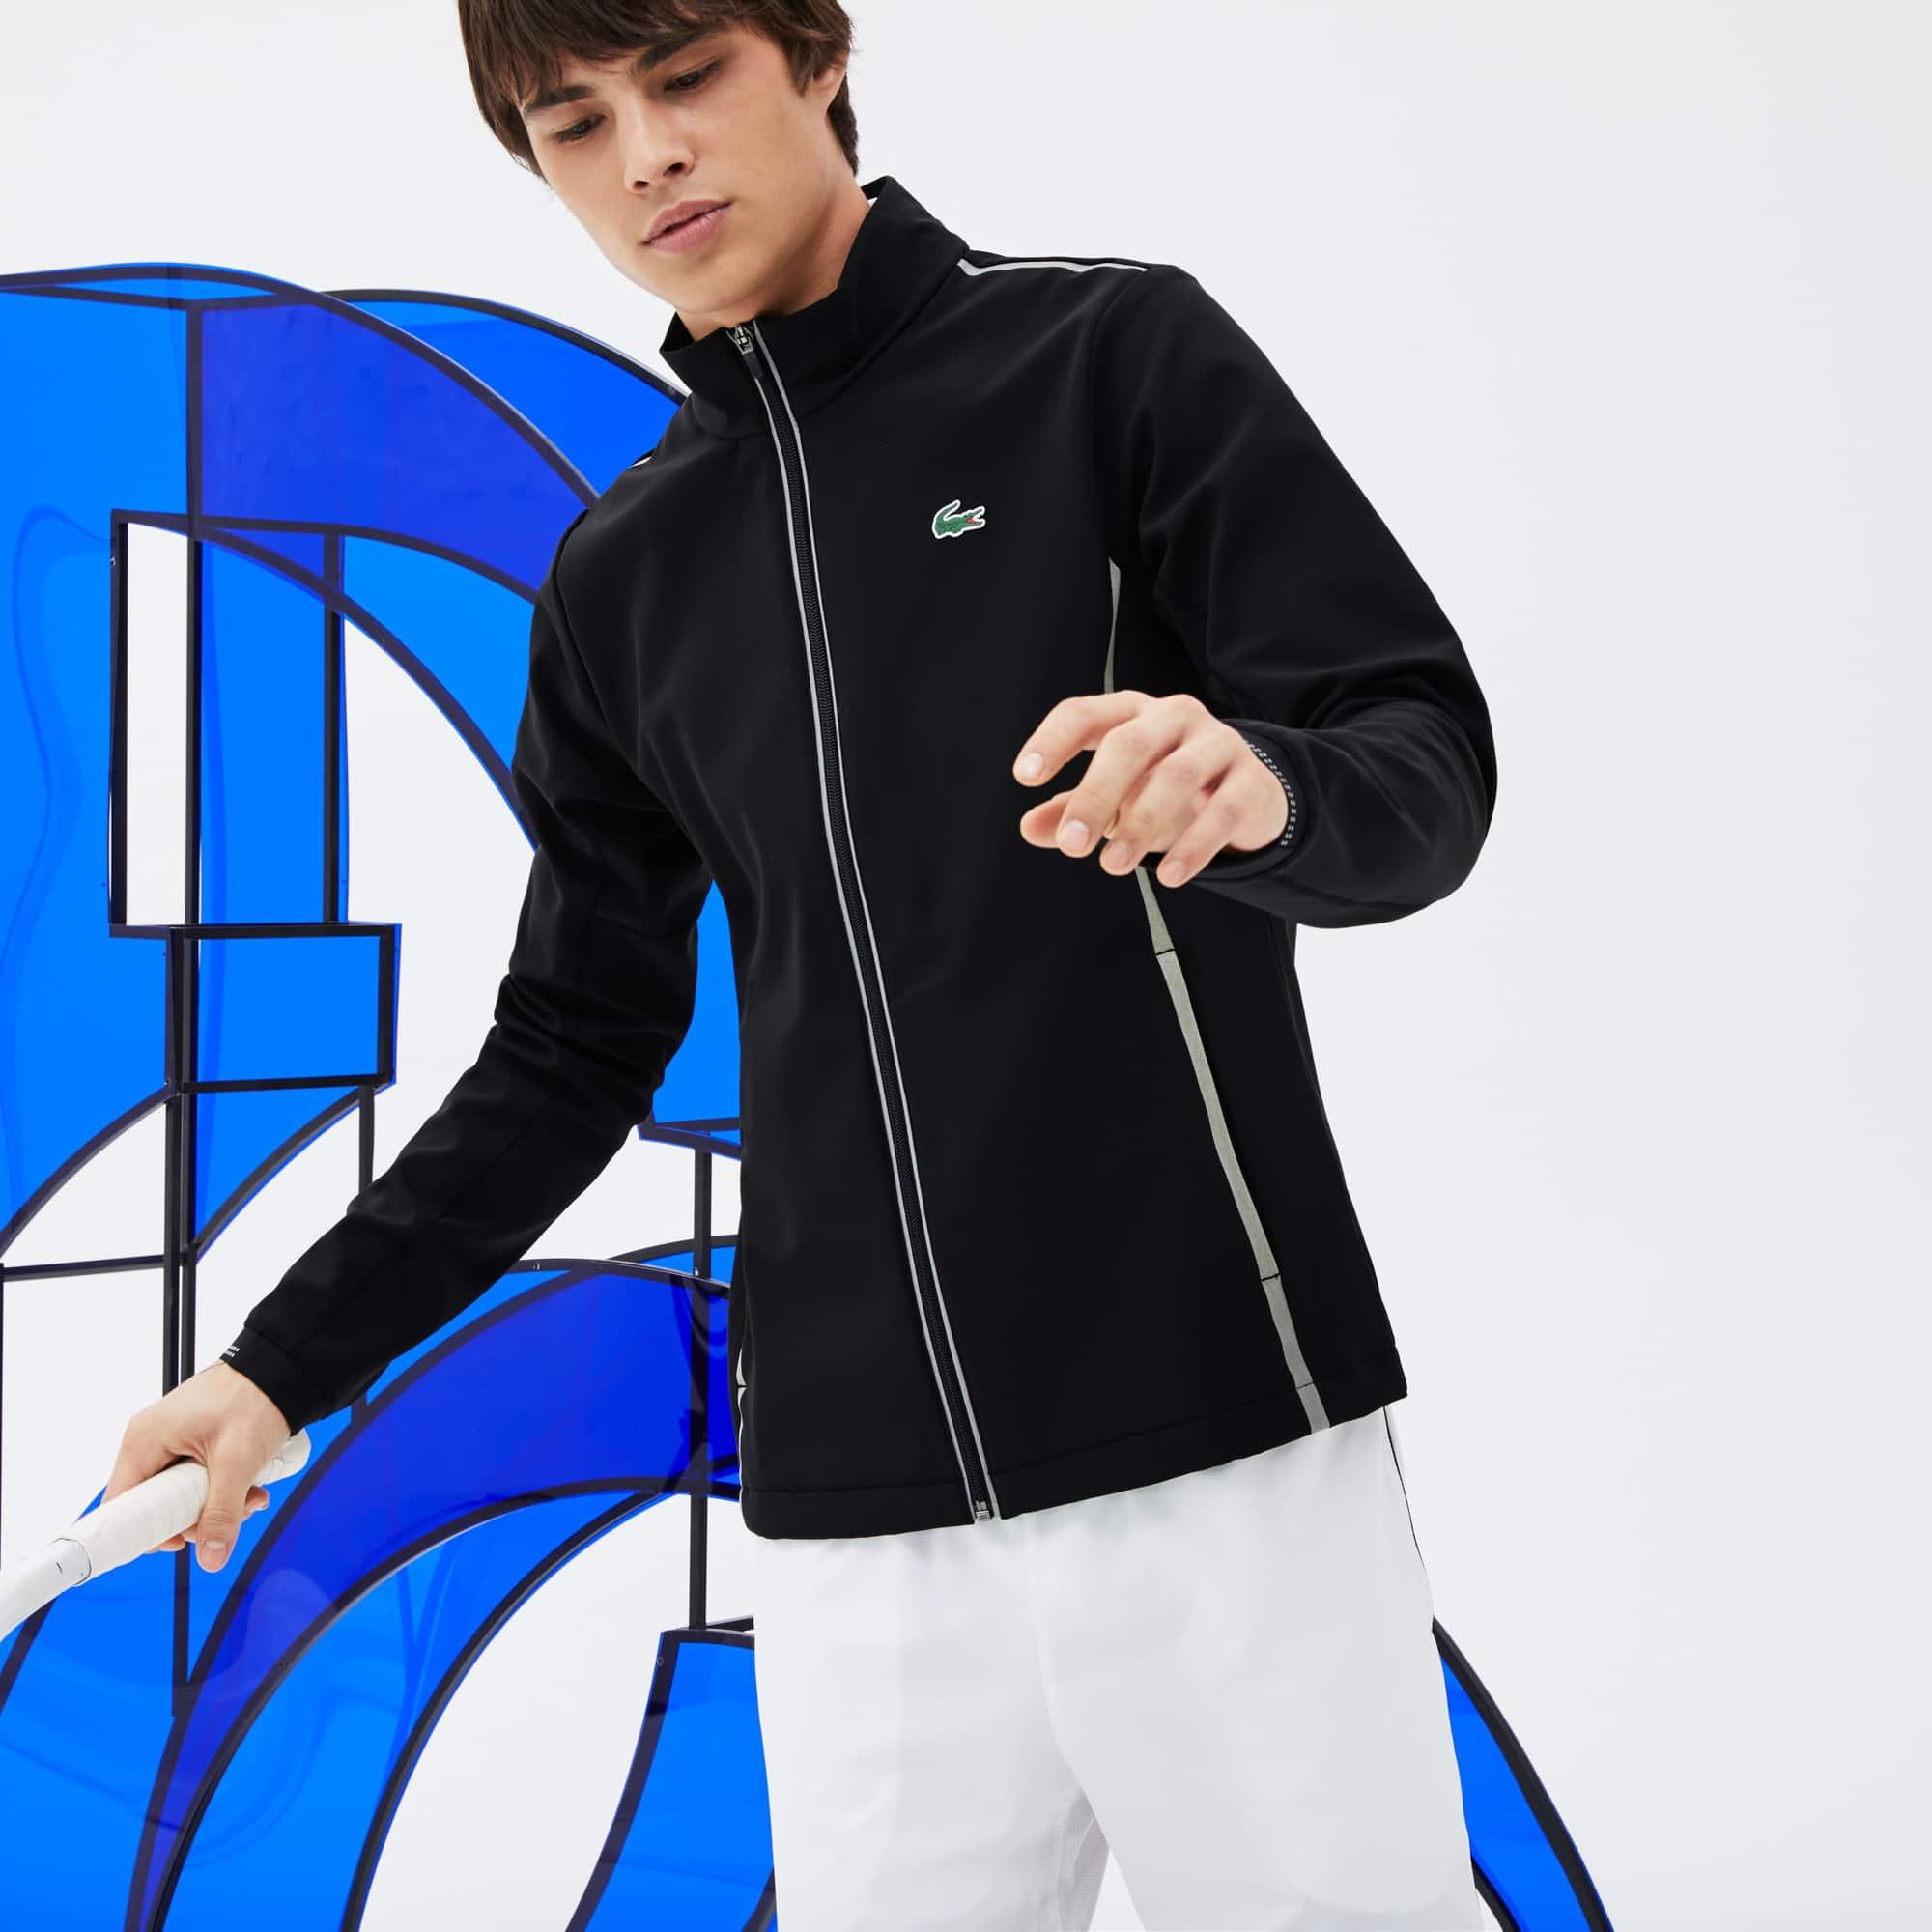 Lacoste SPORT NOVAK DJOKOVIC SUPPORT WITH STYLE COLLECTION-sweatshirt heren technisch met rits en middenlaag